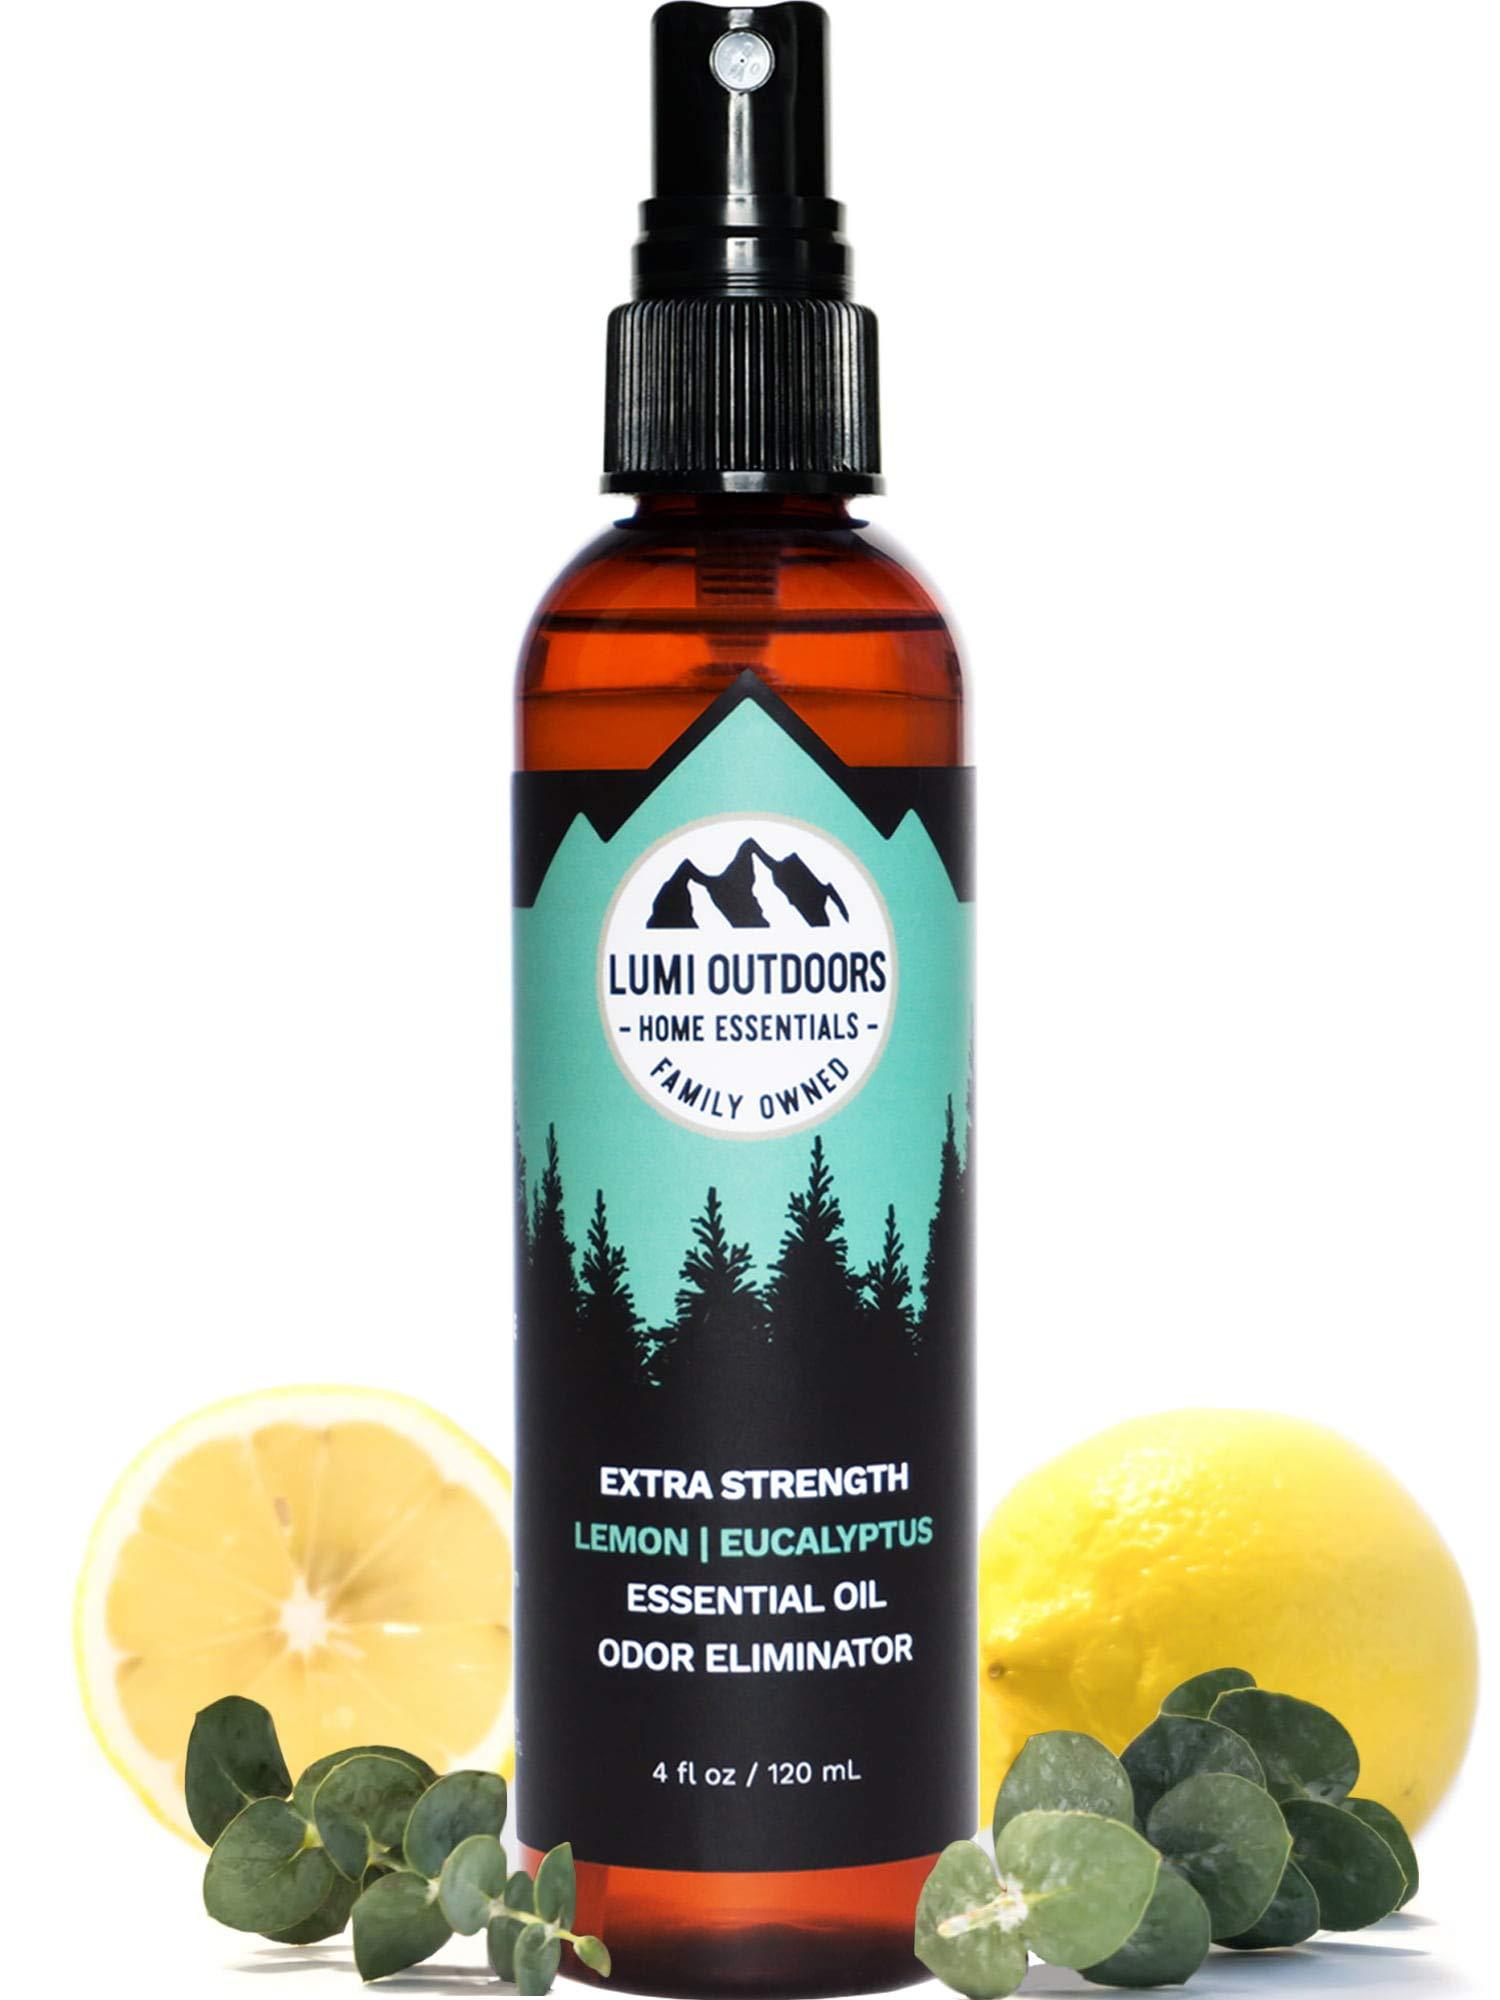 Natural Shoe Deodorizer Spray & Foot Odor Eliminator - Extra Strength Eucalyptus Lemongrass by Lumi Outdoors